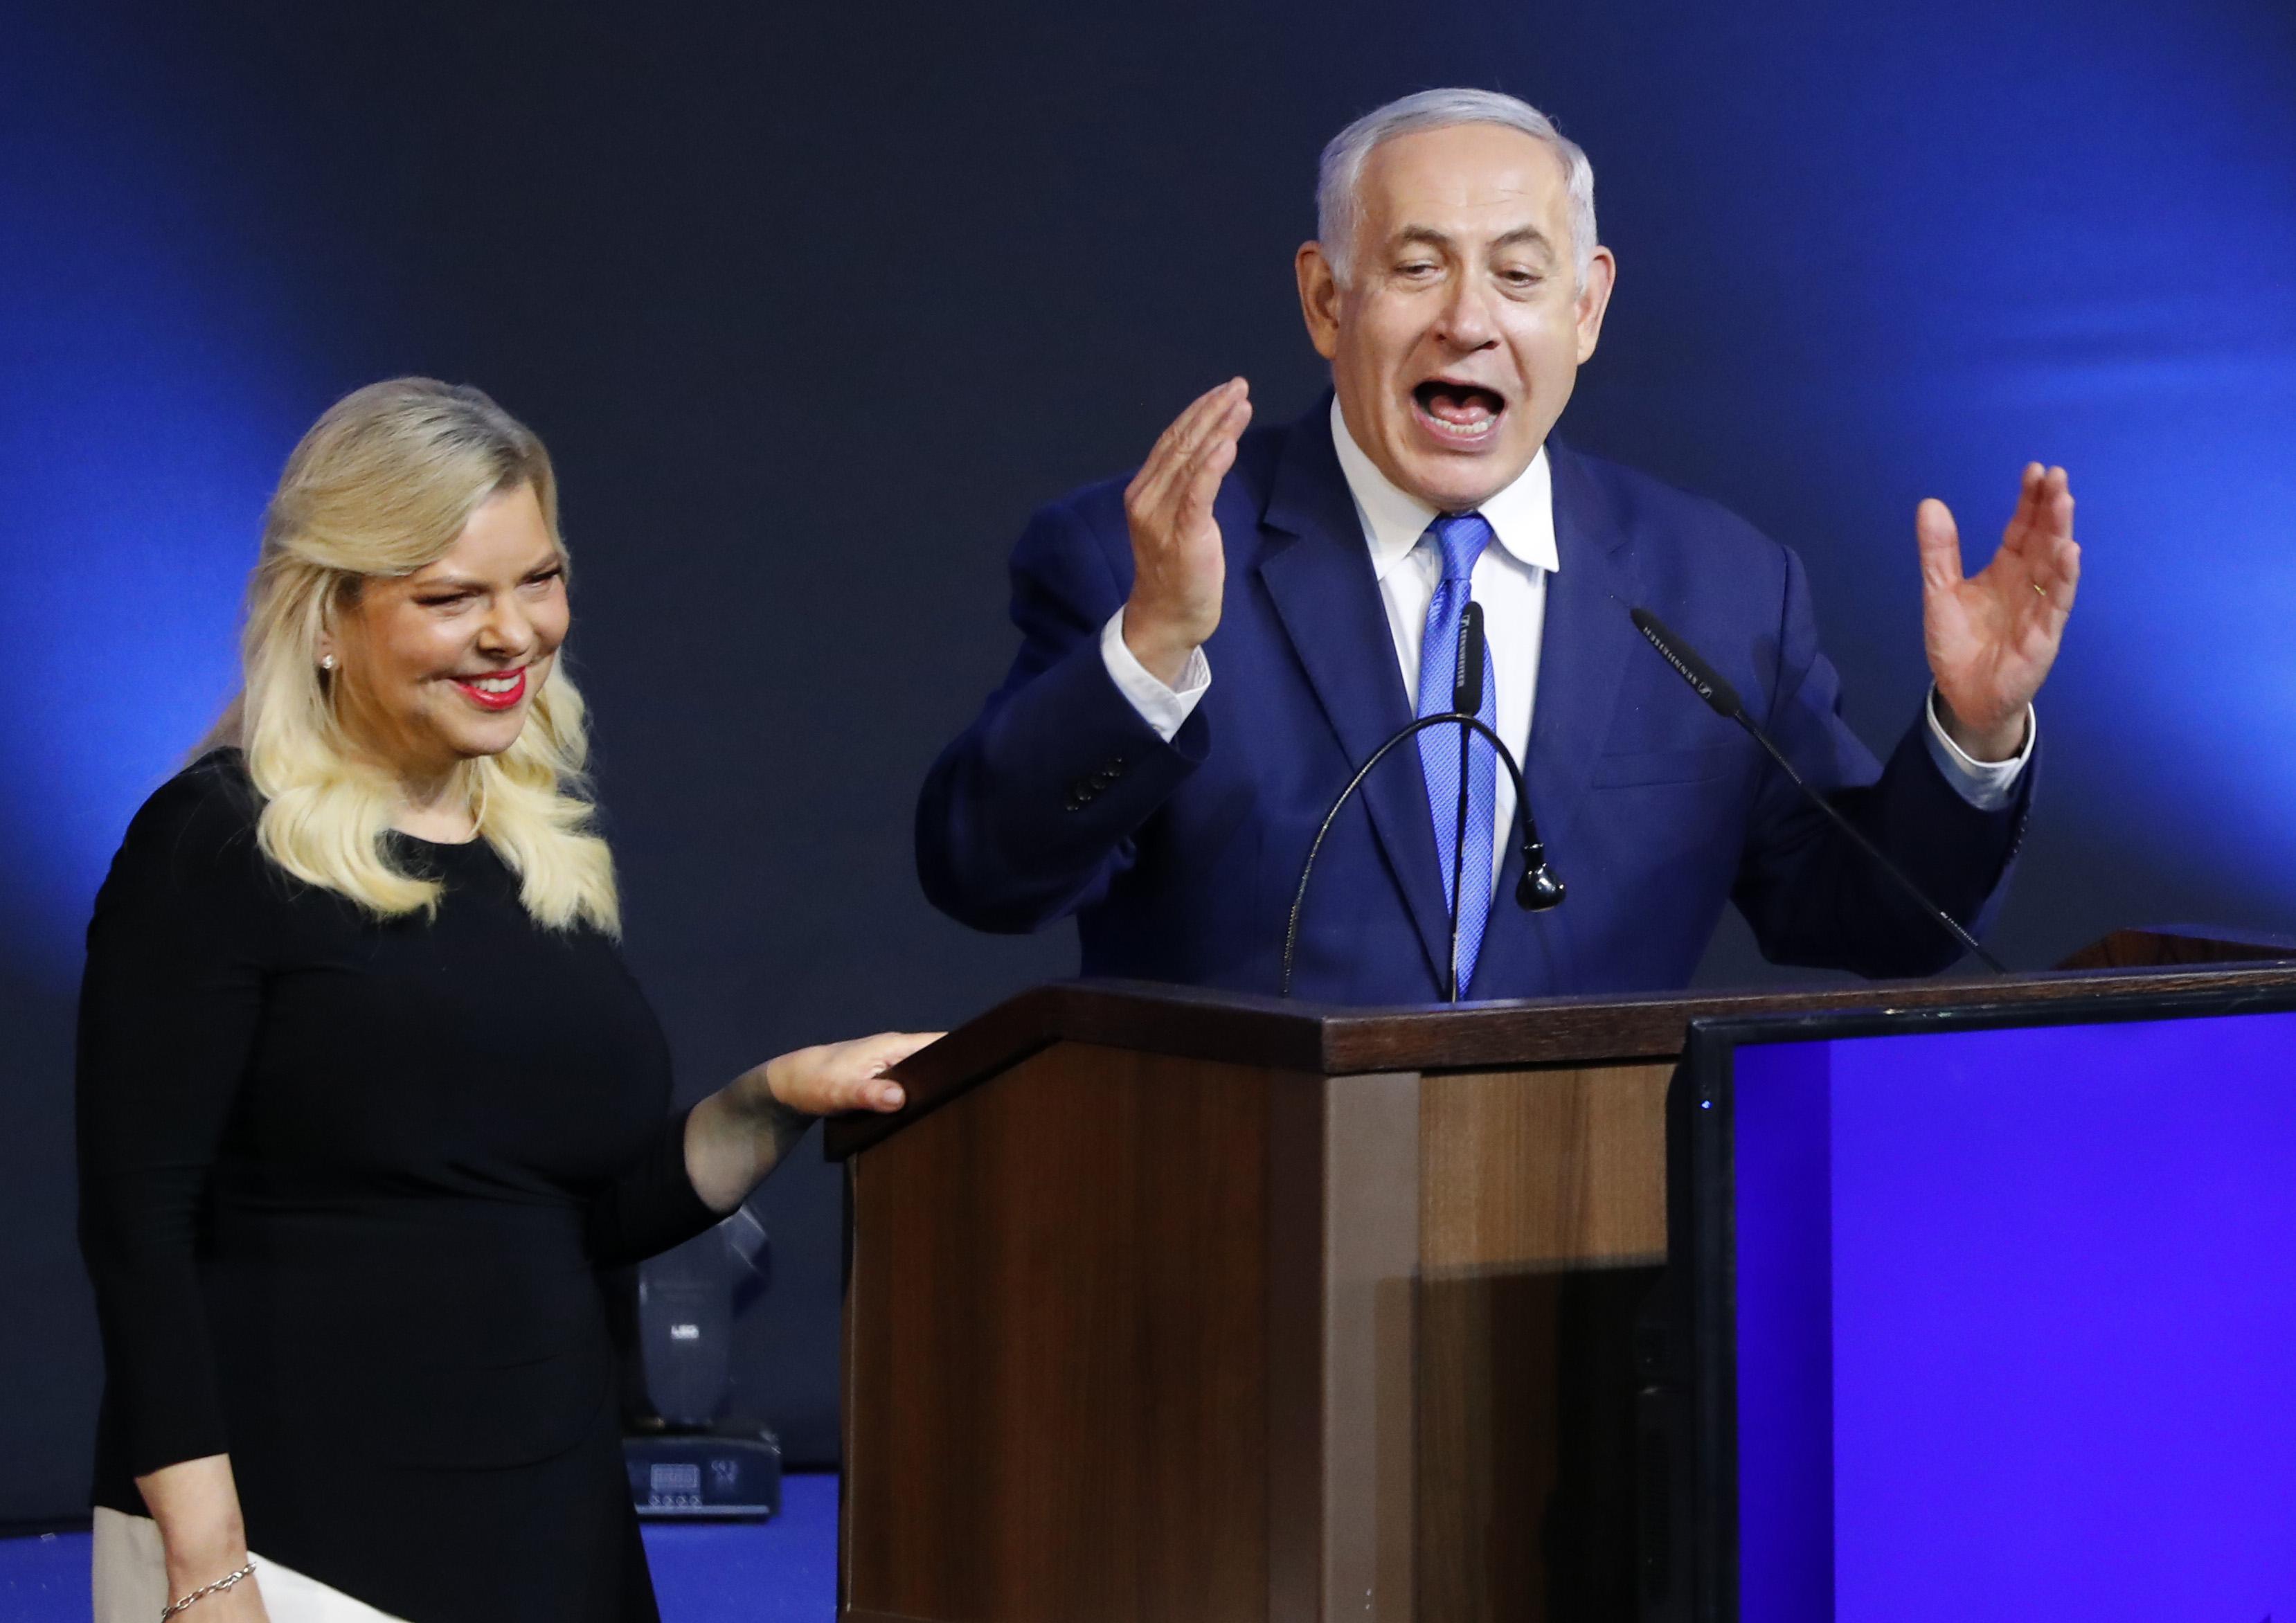 بنيامين نتانياهو مع زوجته سارة أثناء الاحتفال بالفوز في الانتخابات